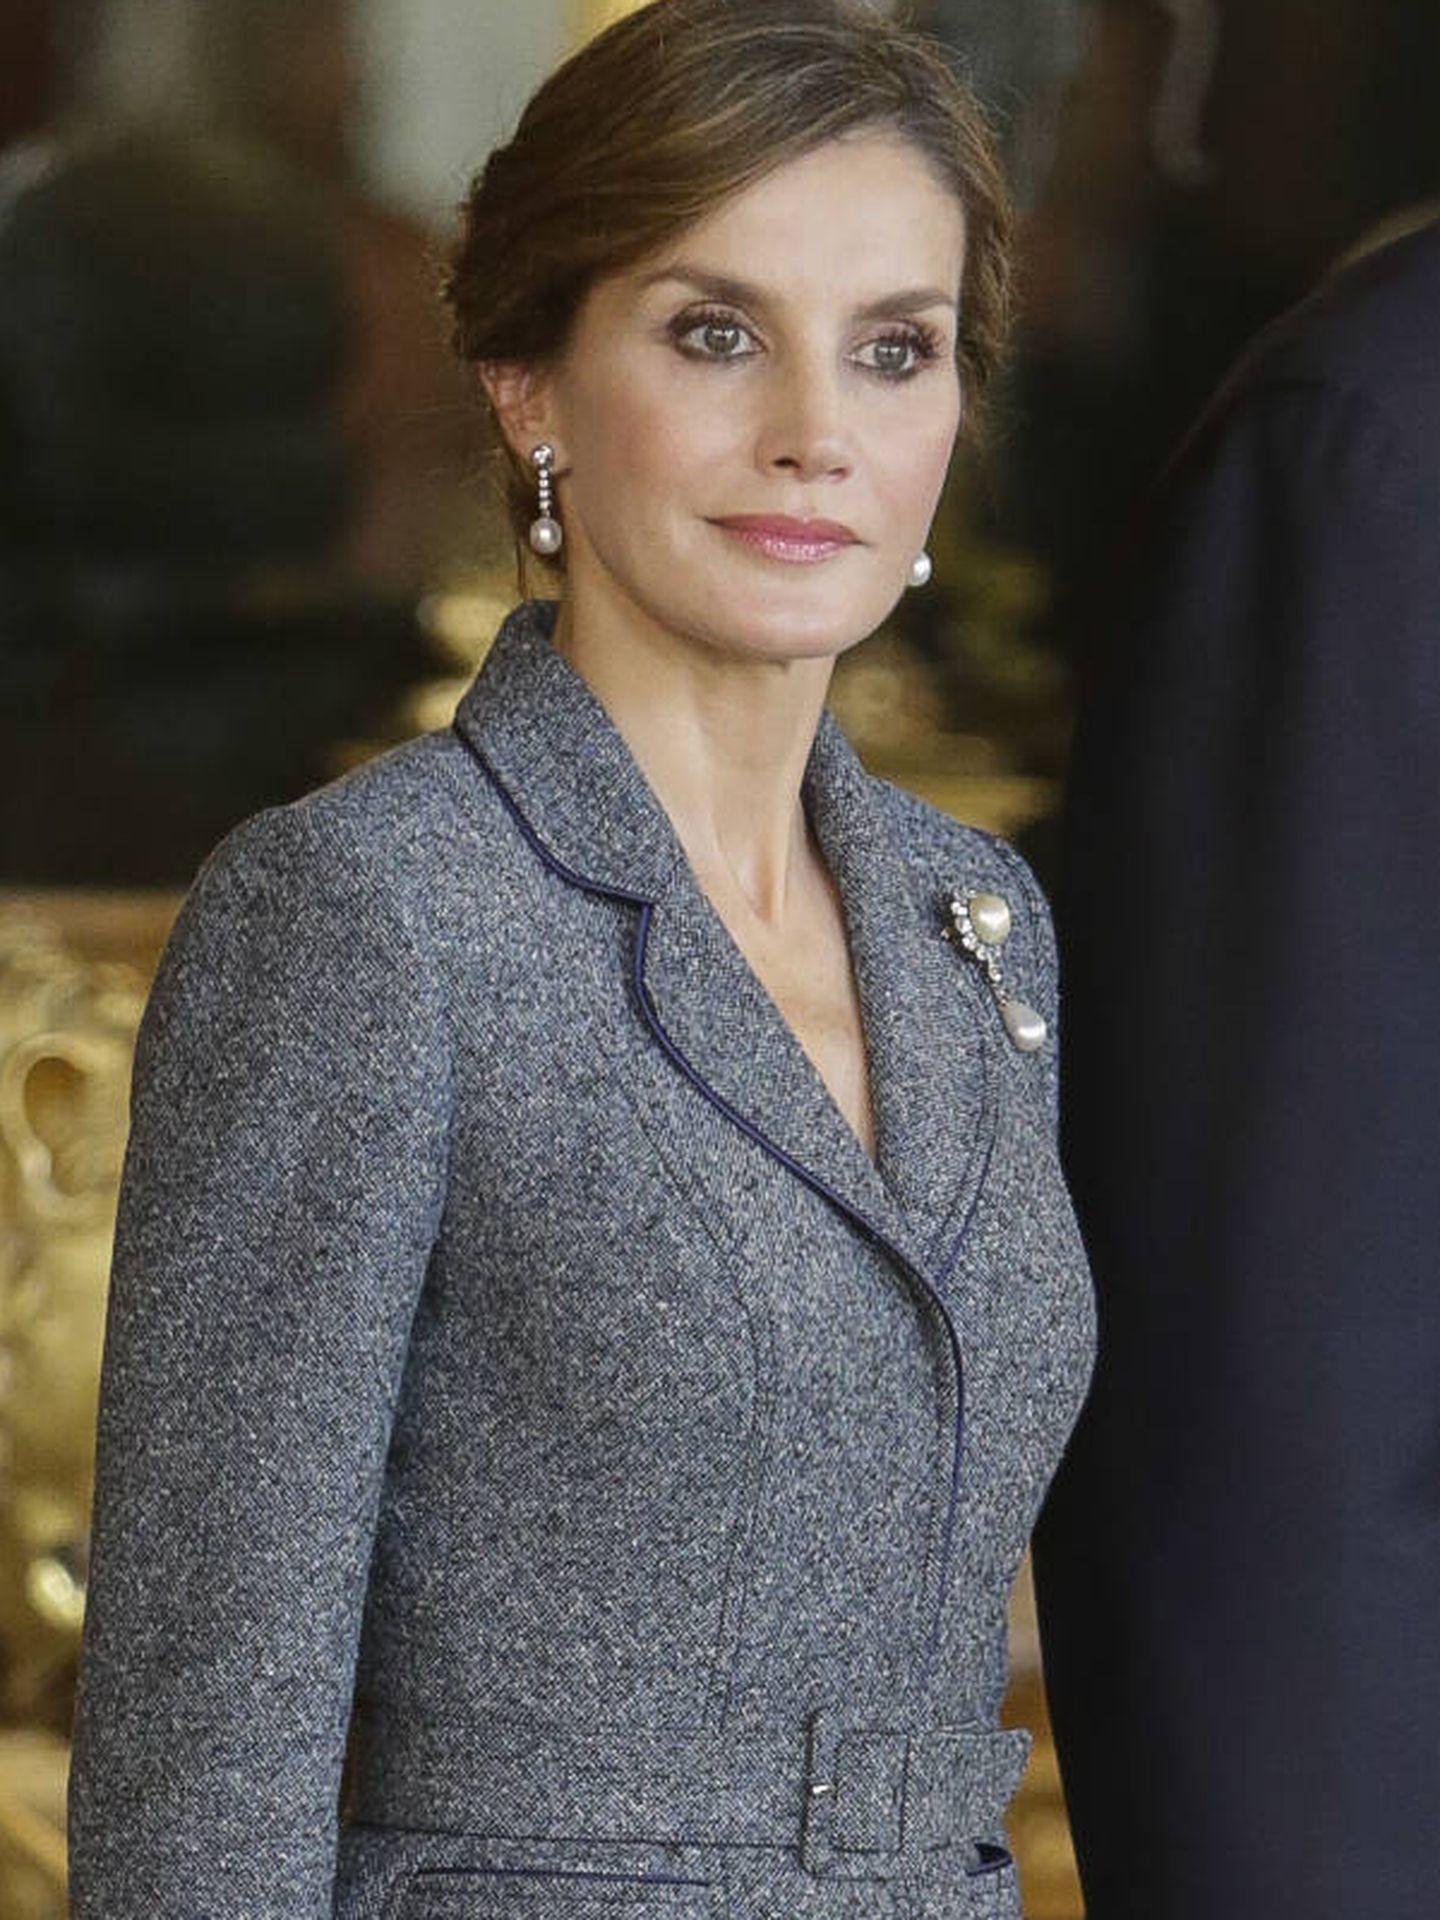 La reina Letizia en la recepción en palacio. (Gtres)